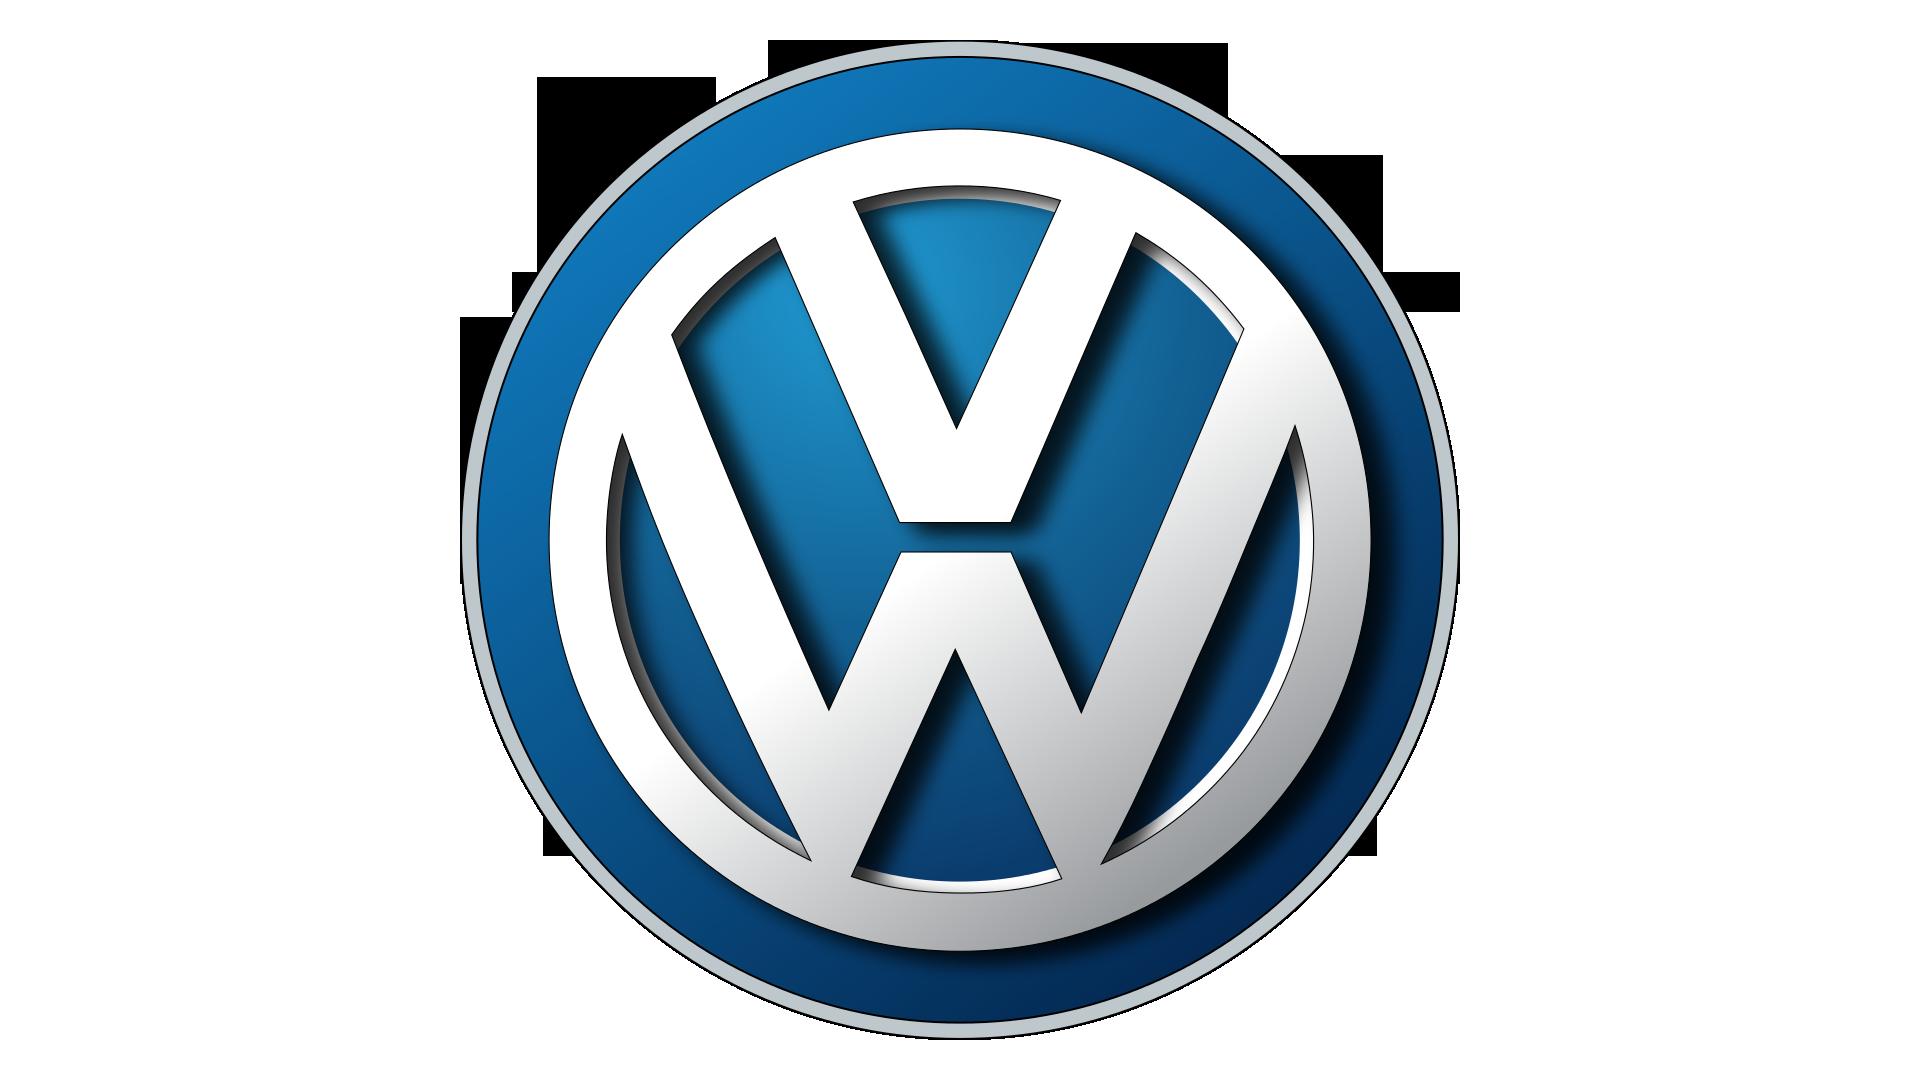 Volkswagen-emblem-2014-1920x1080